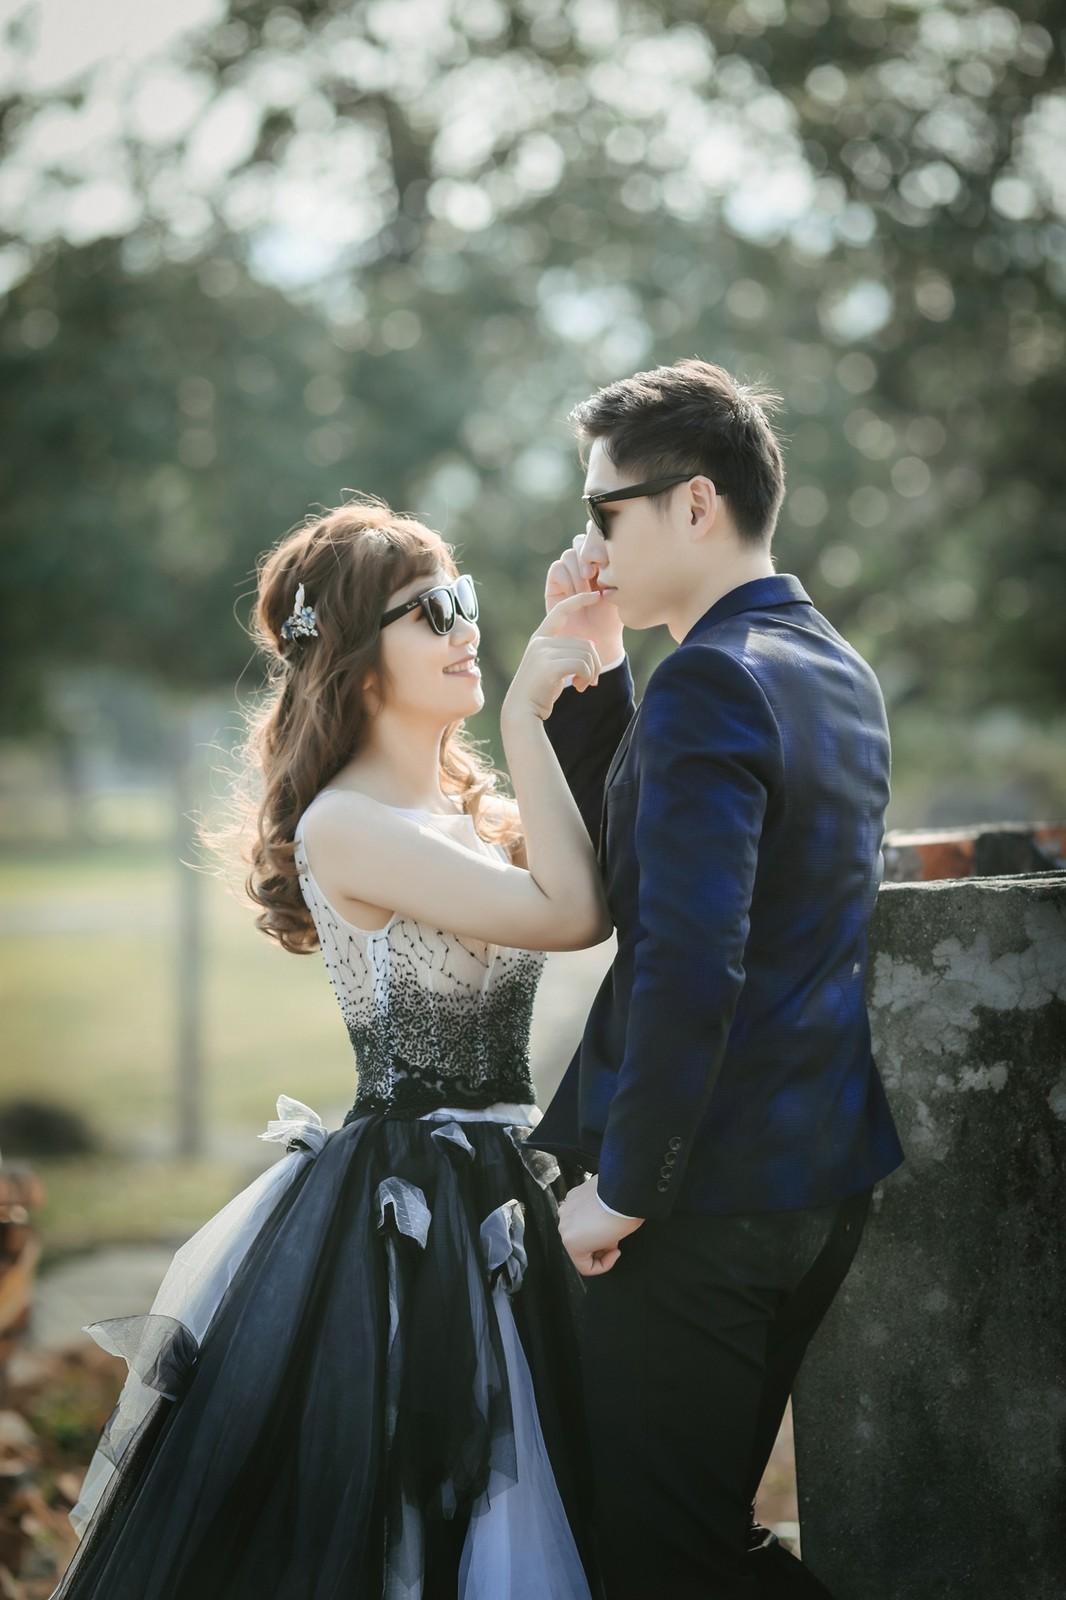 自助婚紗,自主婚紗推薦,高雄 自助婚紗,gx35